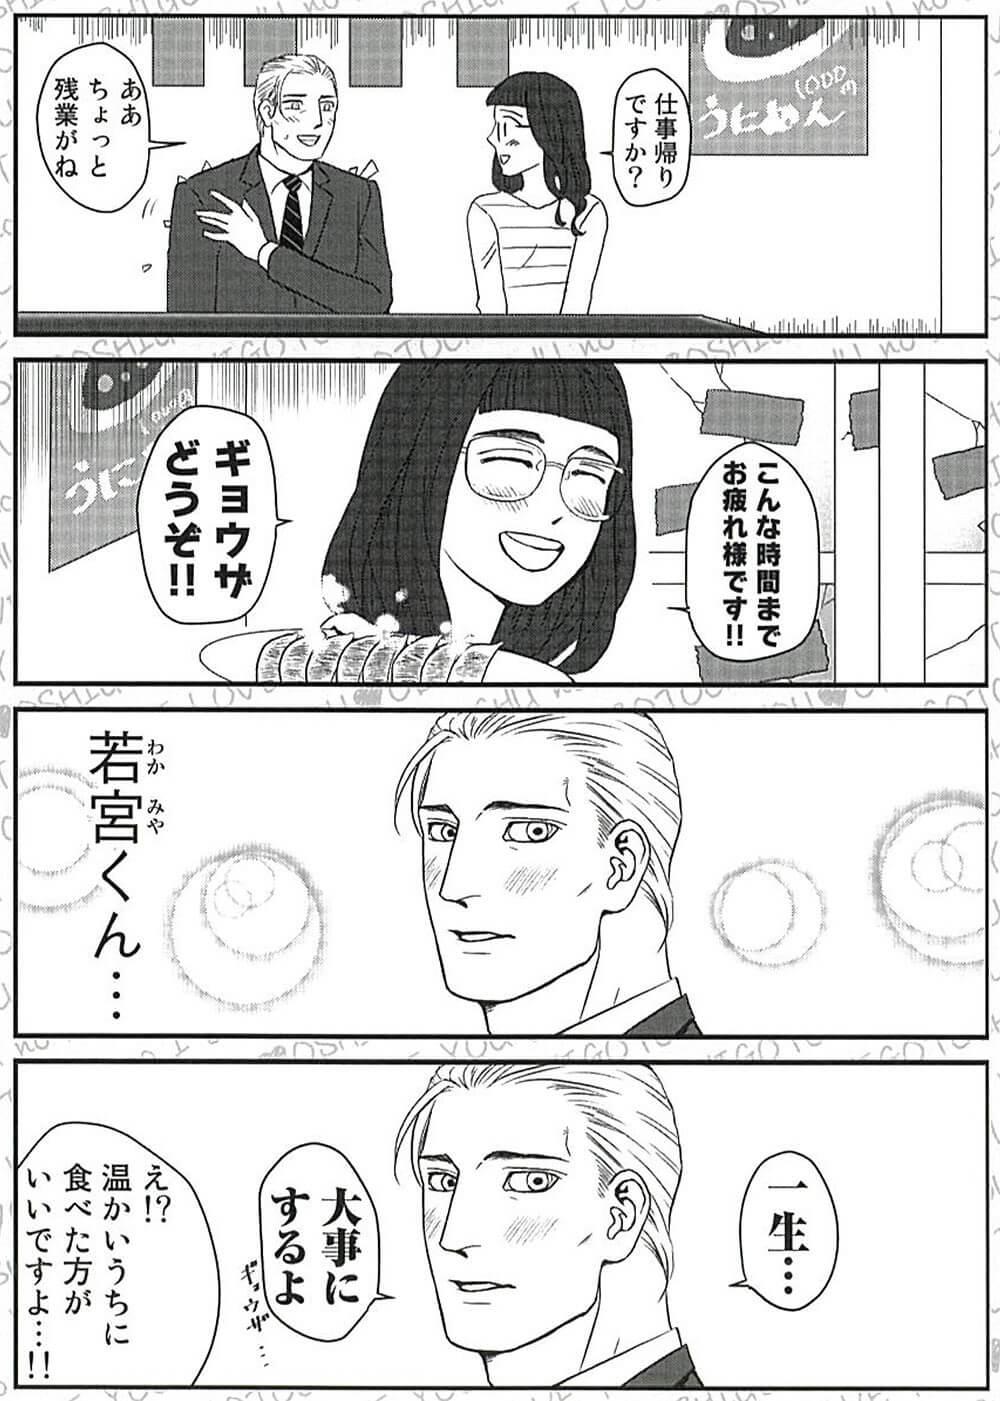 上司が新入社員に恋する漫画2-1